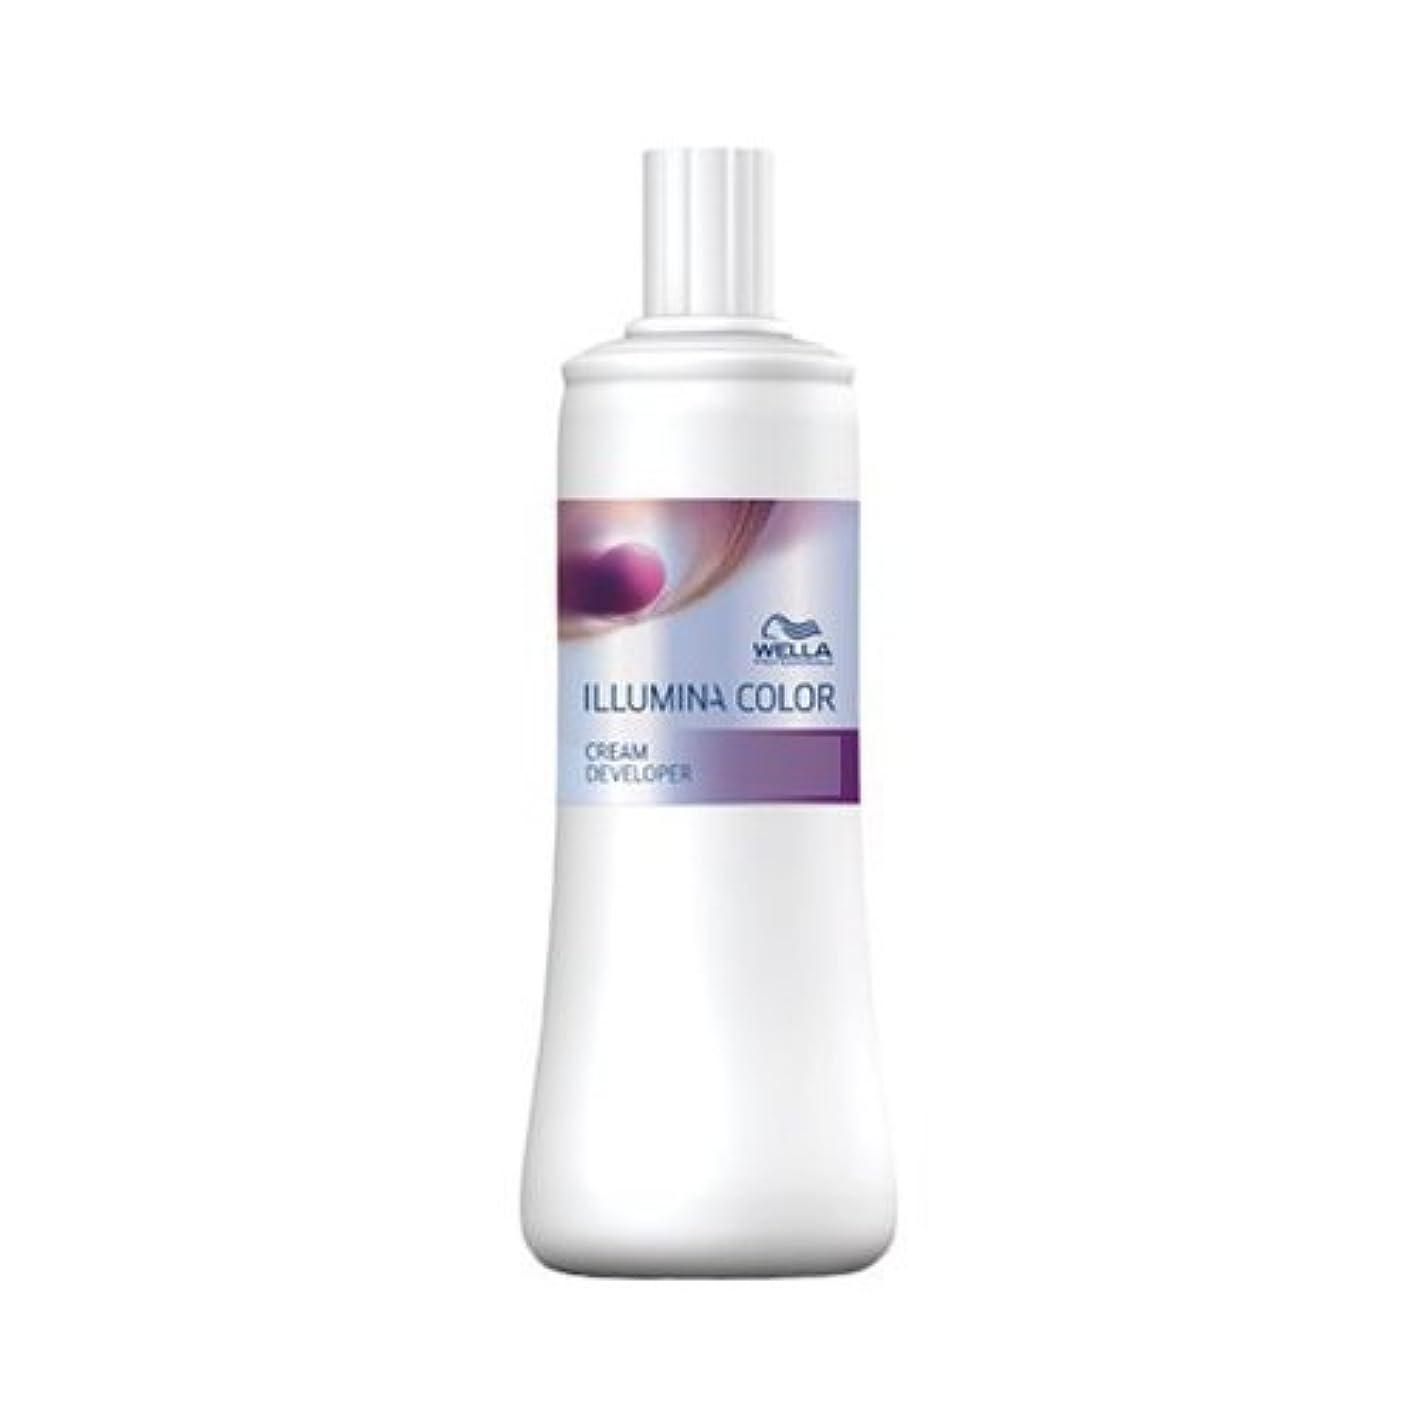 なる知覚するブースウエラ イルミナカラー クリーム ディベロッパー 6% 1000ml(2剤)